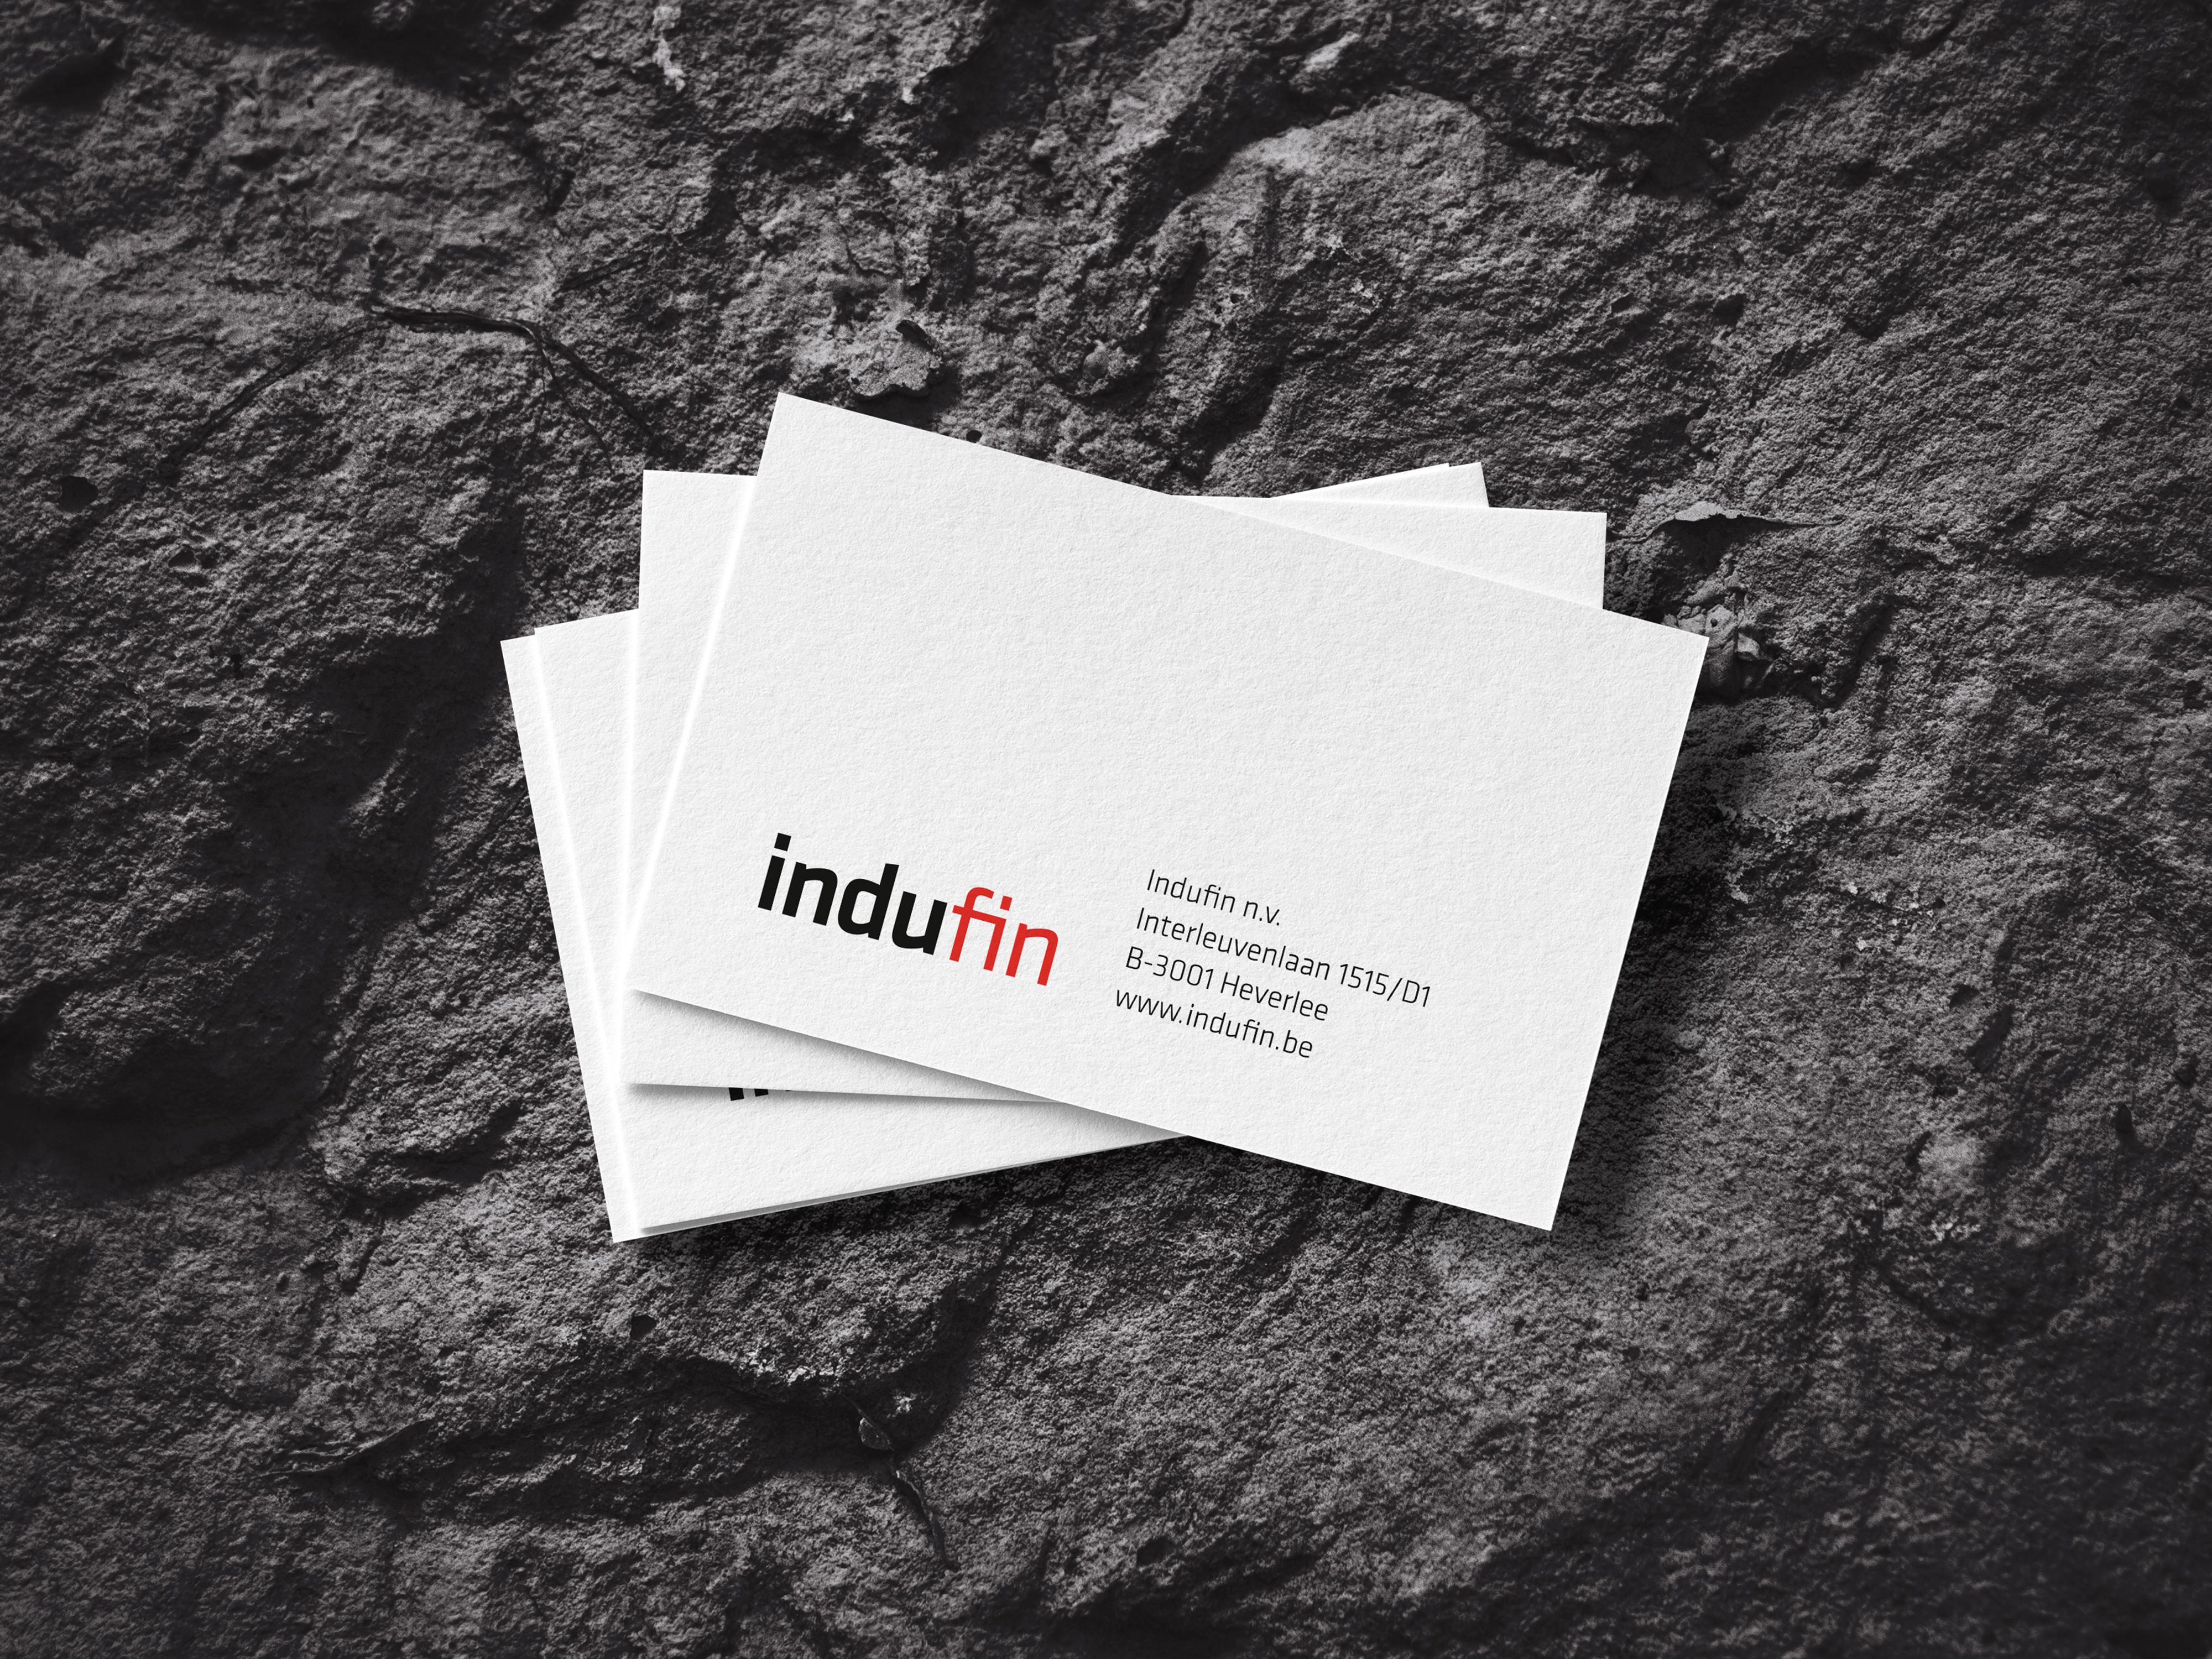 Indufin